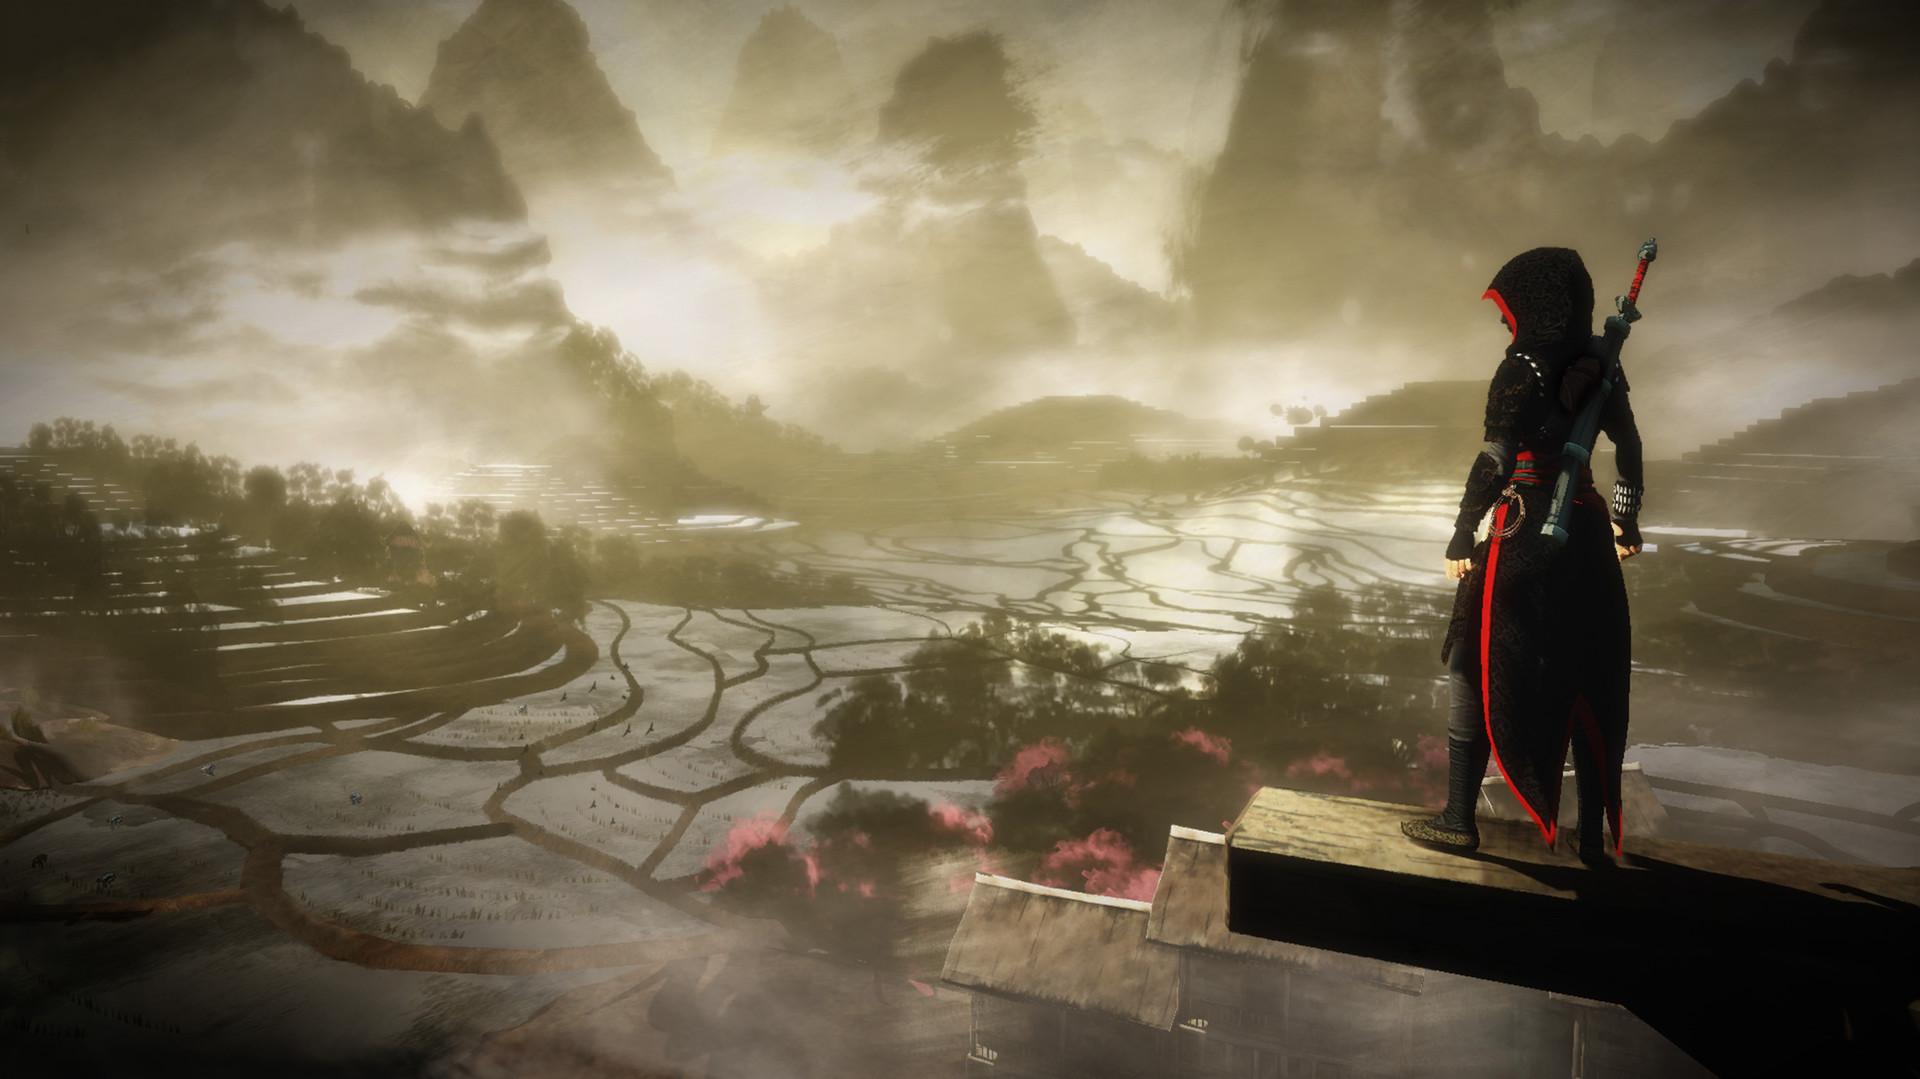 Assassin's Creed Chronicles China ESPAÑOL PC Full (CODEX) 1